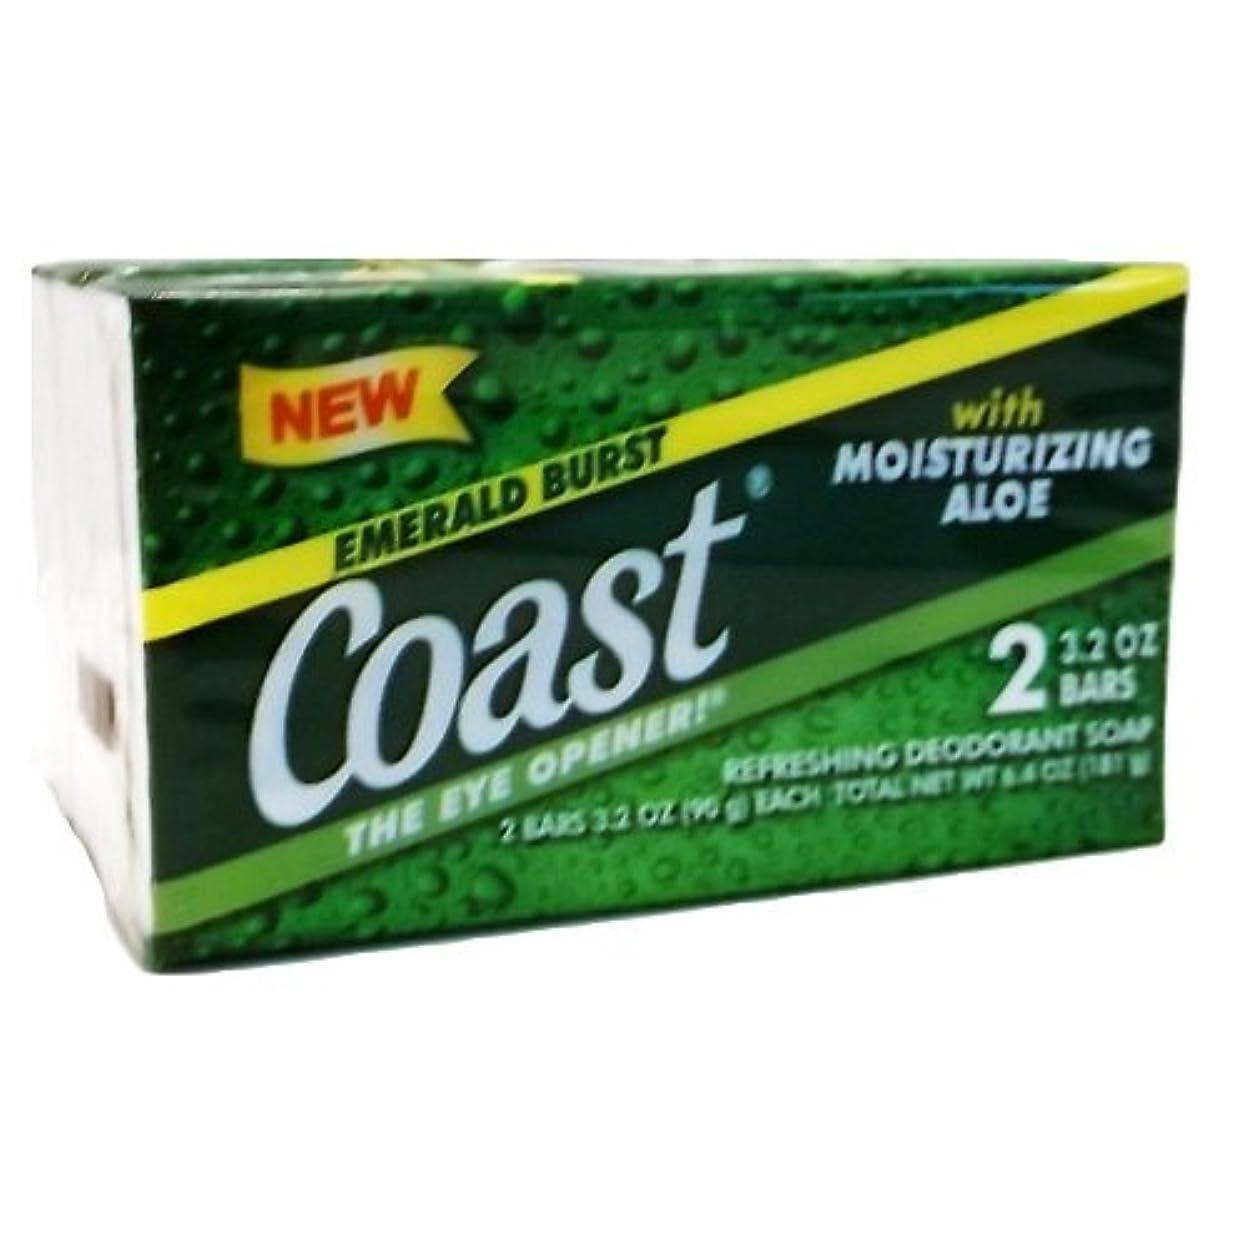 不可能な決してダニコースト(Coast) 石けんエメラルドバースト2個入り×24パック(48個)